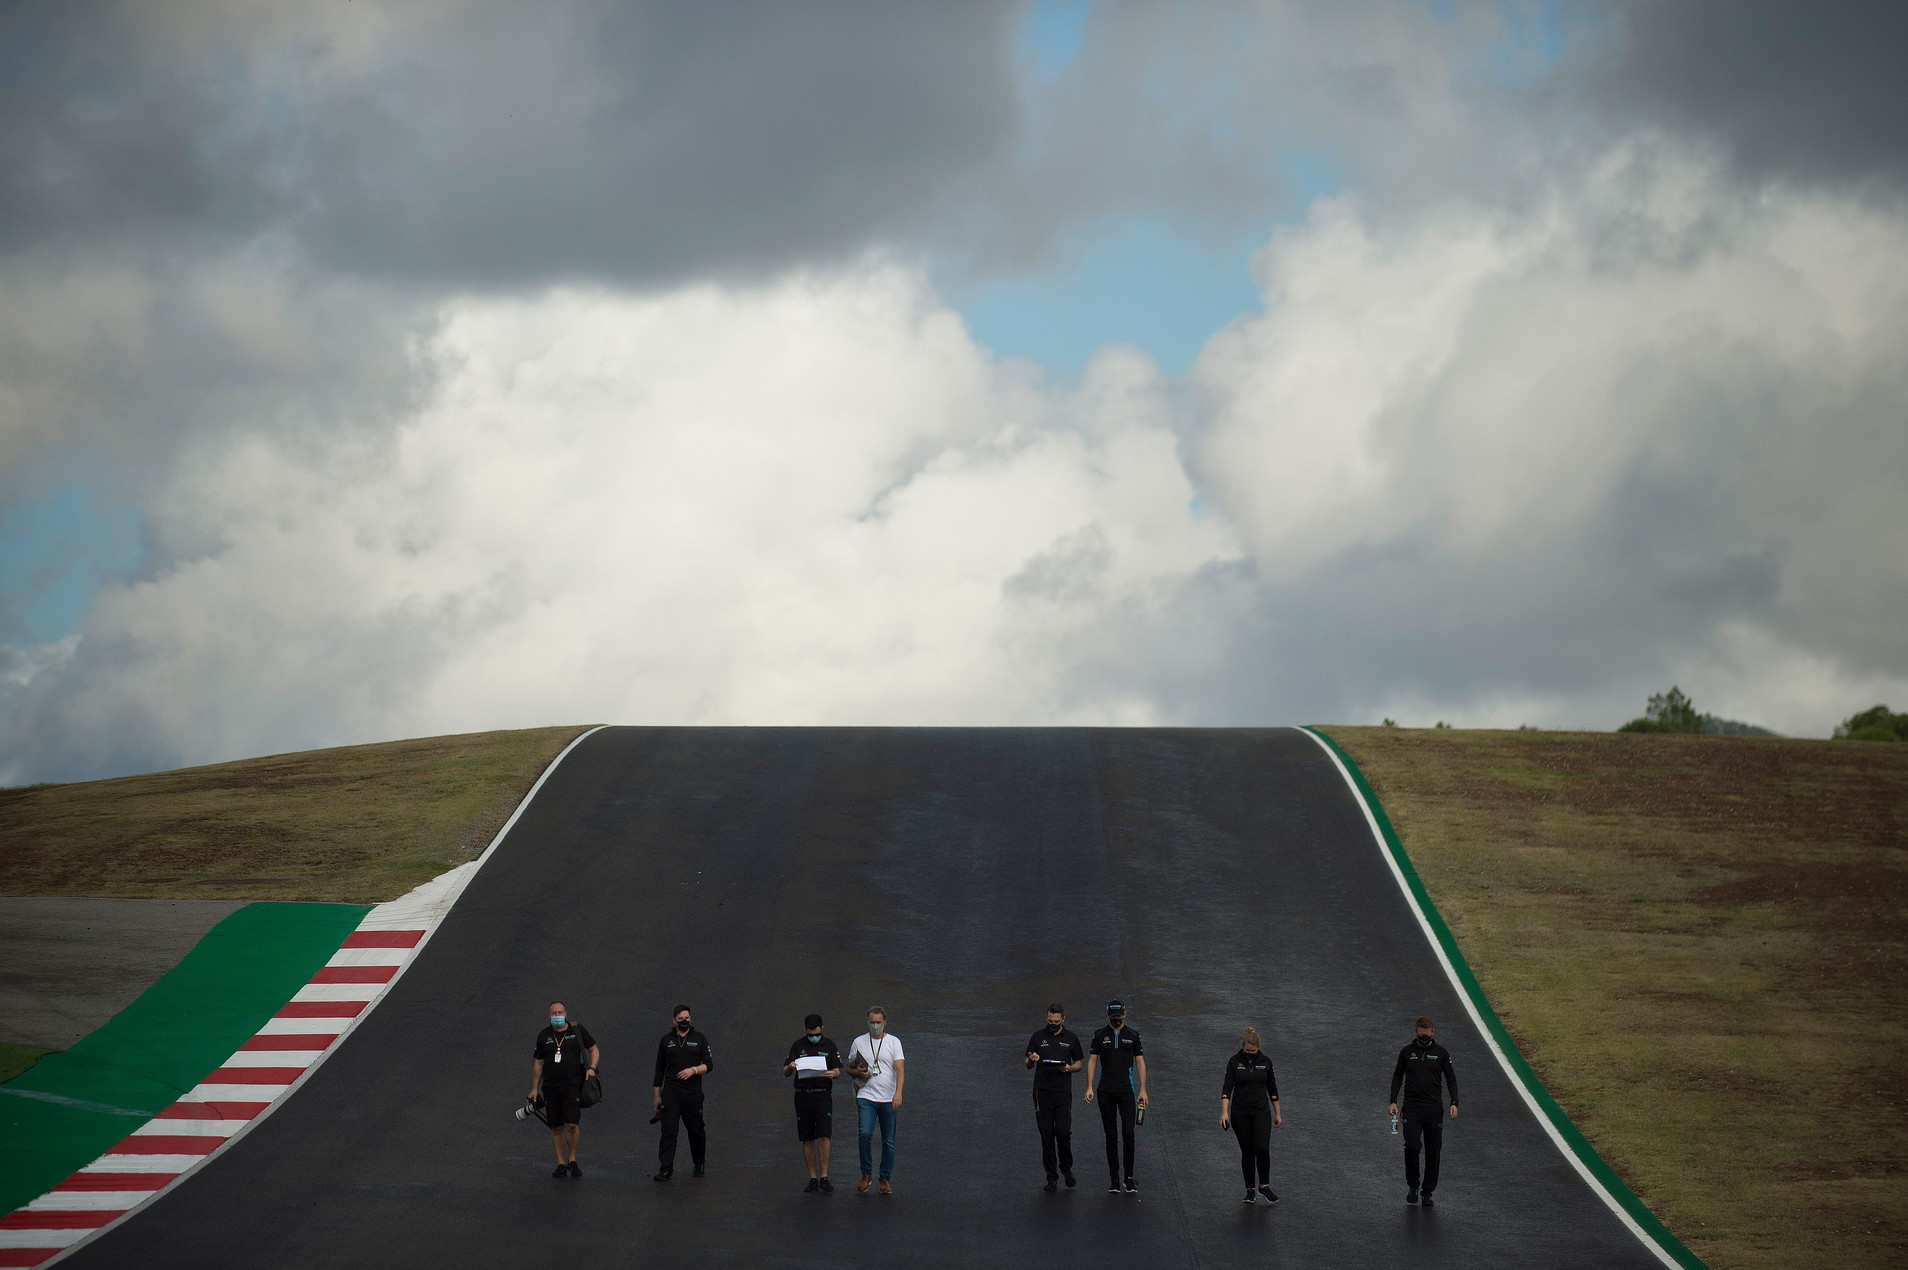 Prima uscita, seppur a piedi o in bicicletta, per i piloti del circus sul tracciato portoghese.<br /><br />